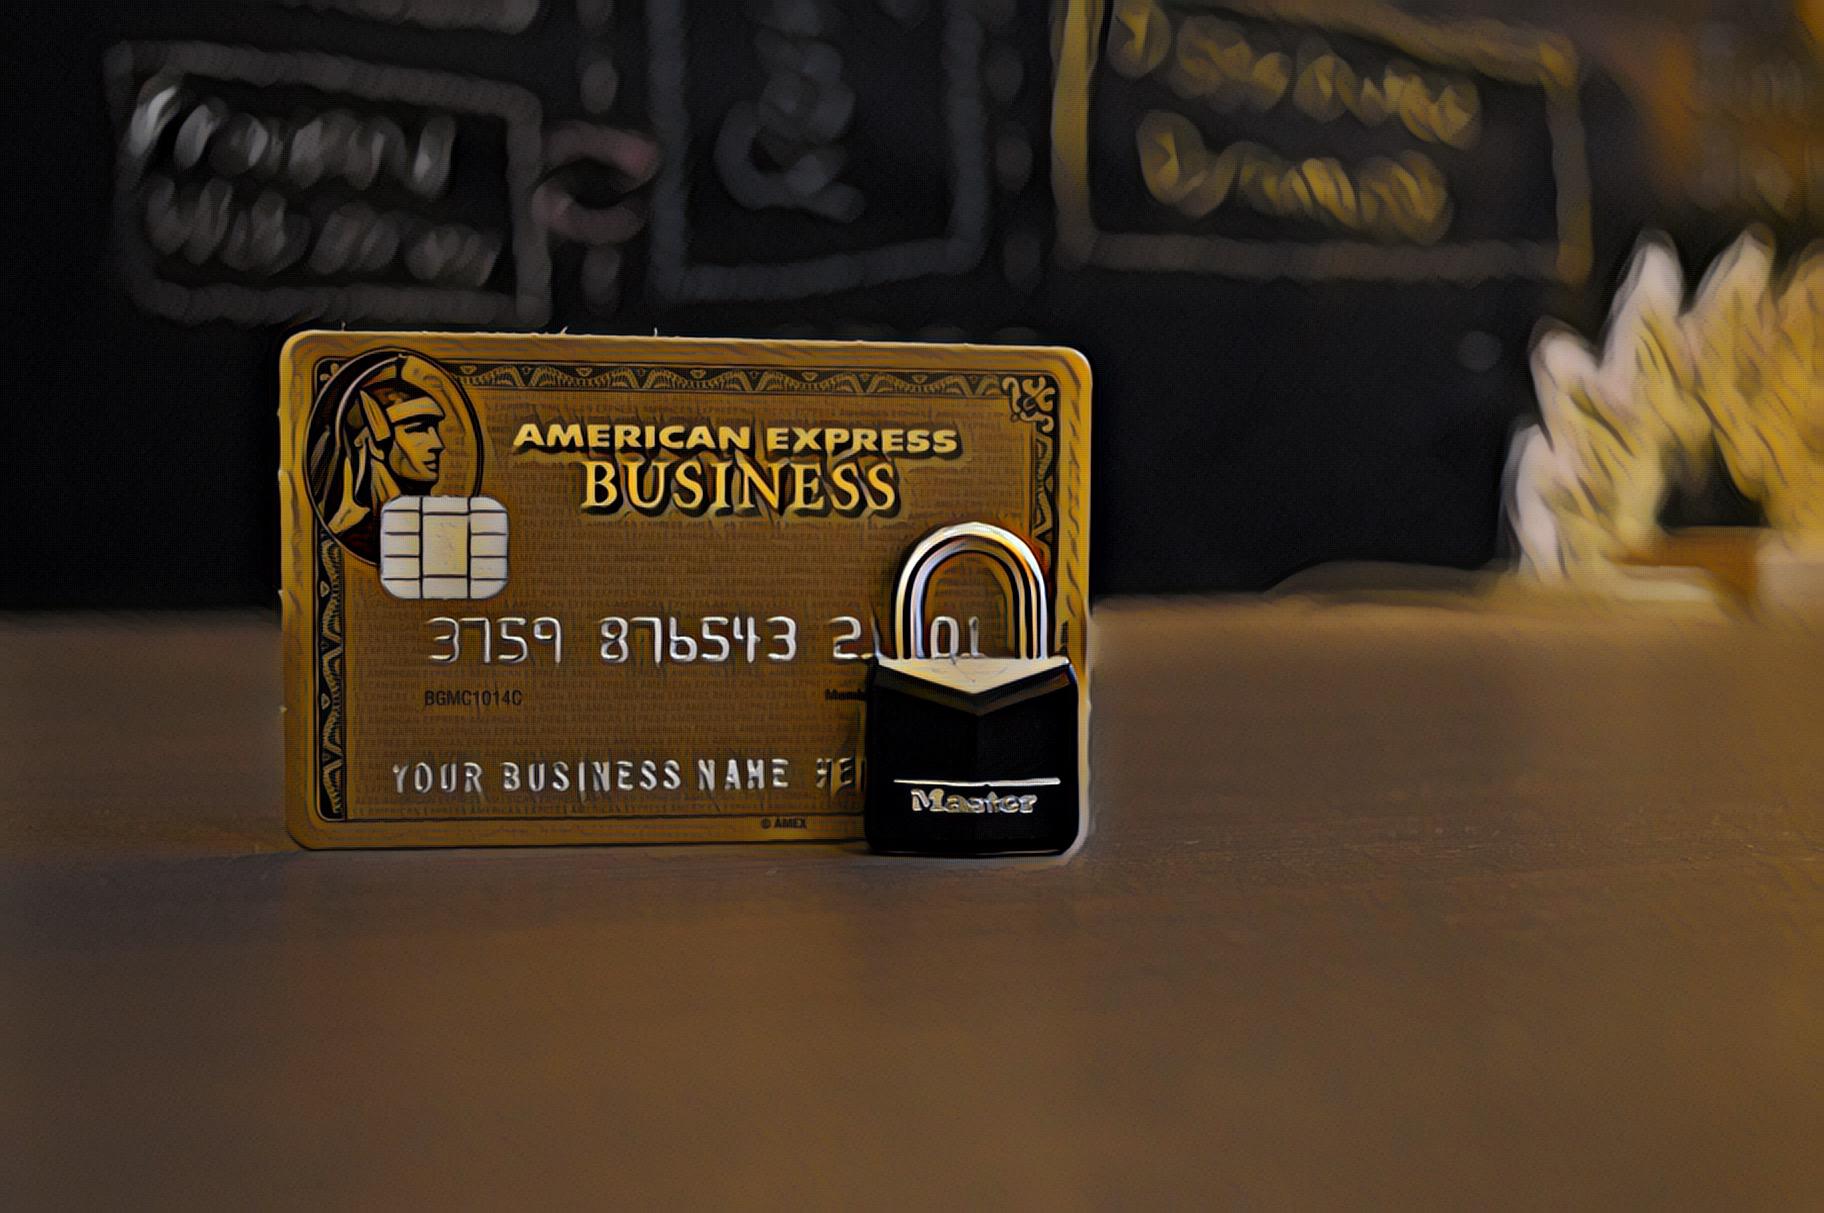 Cómo las tarjetas de crédito revelan patrones de vida urbana